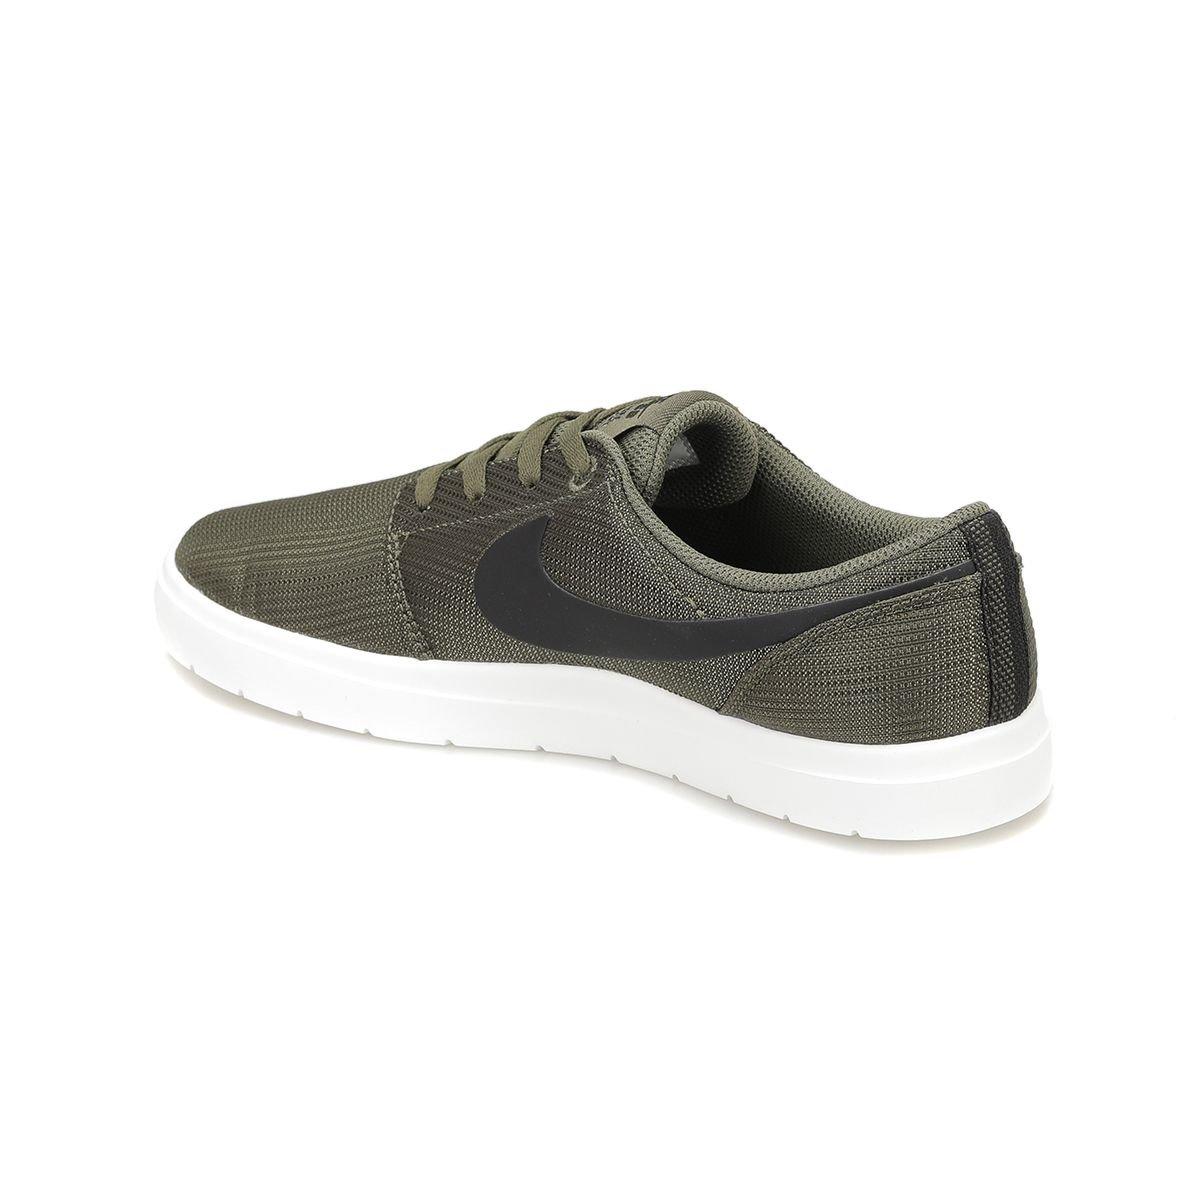 حذاء رياضي للرجال باللون الاخضر(الجيشي) من ماركة نايك